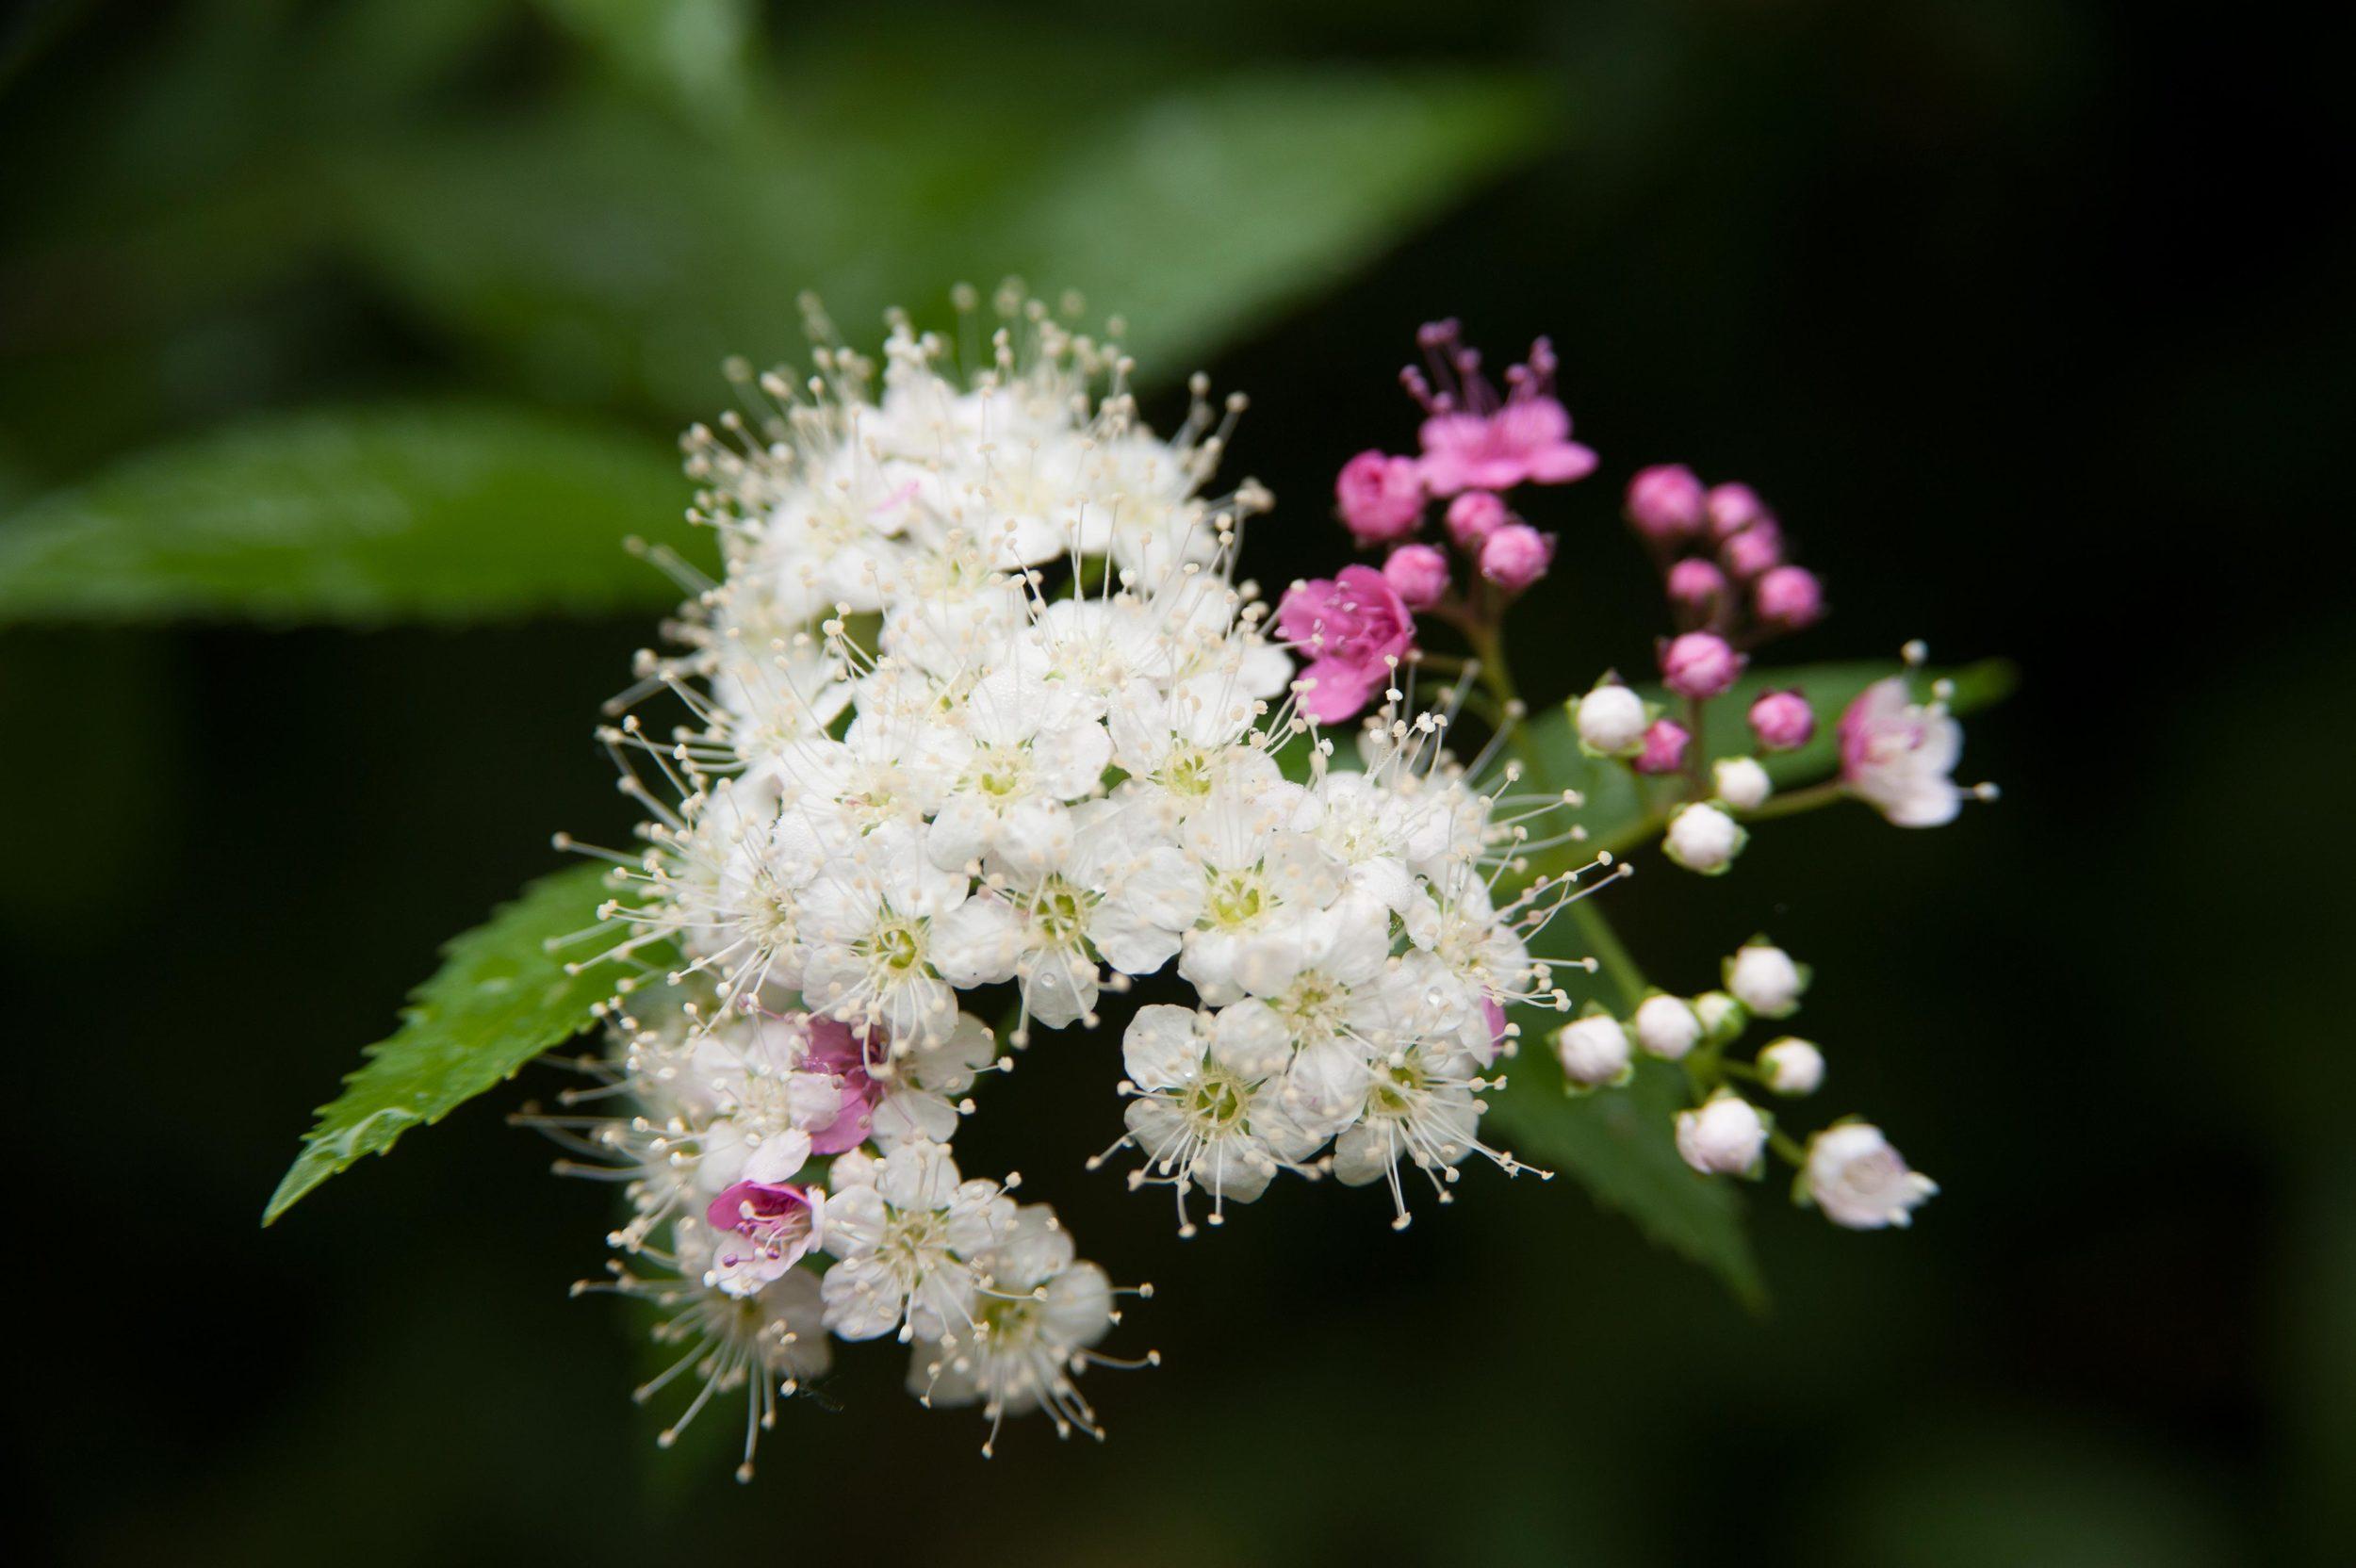 whiteflowers_pinkbuds.jpg